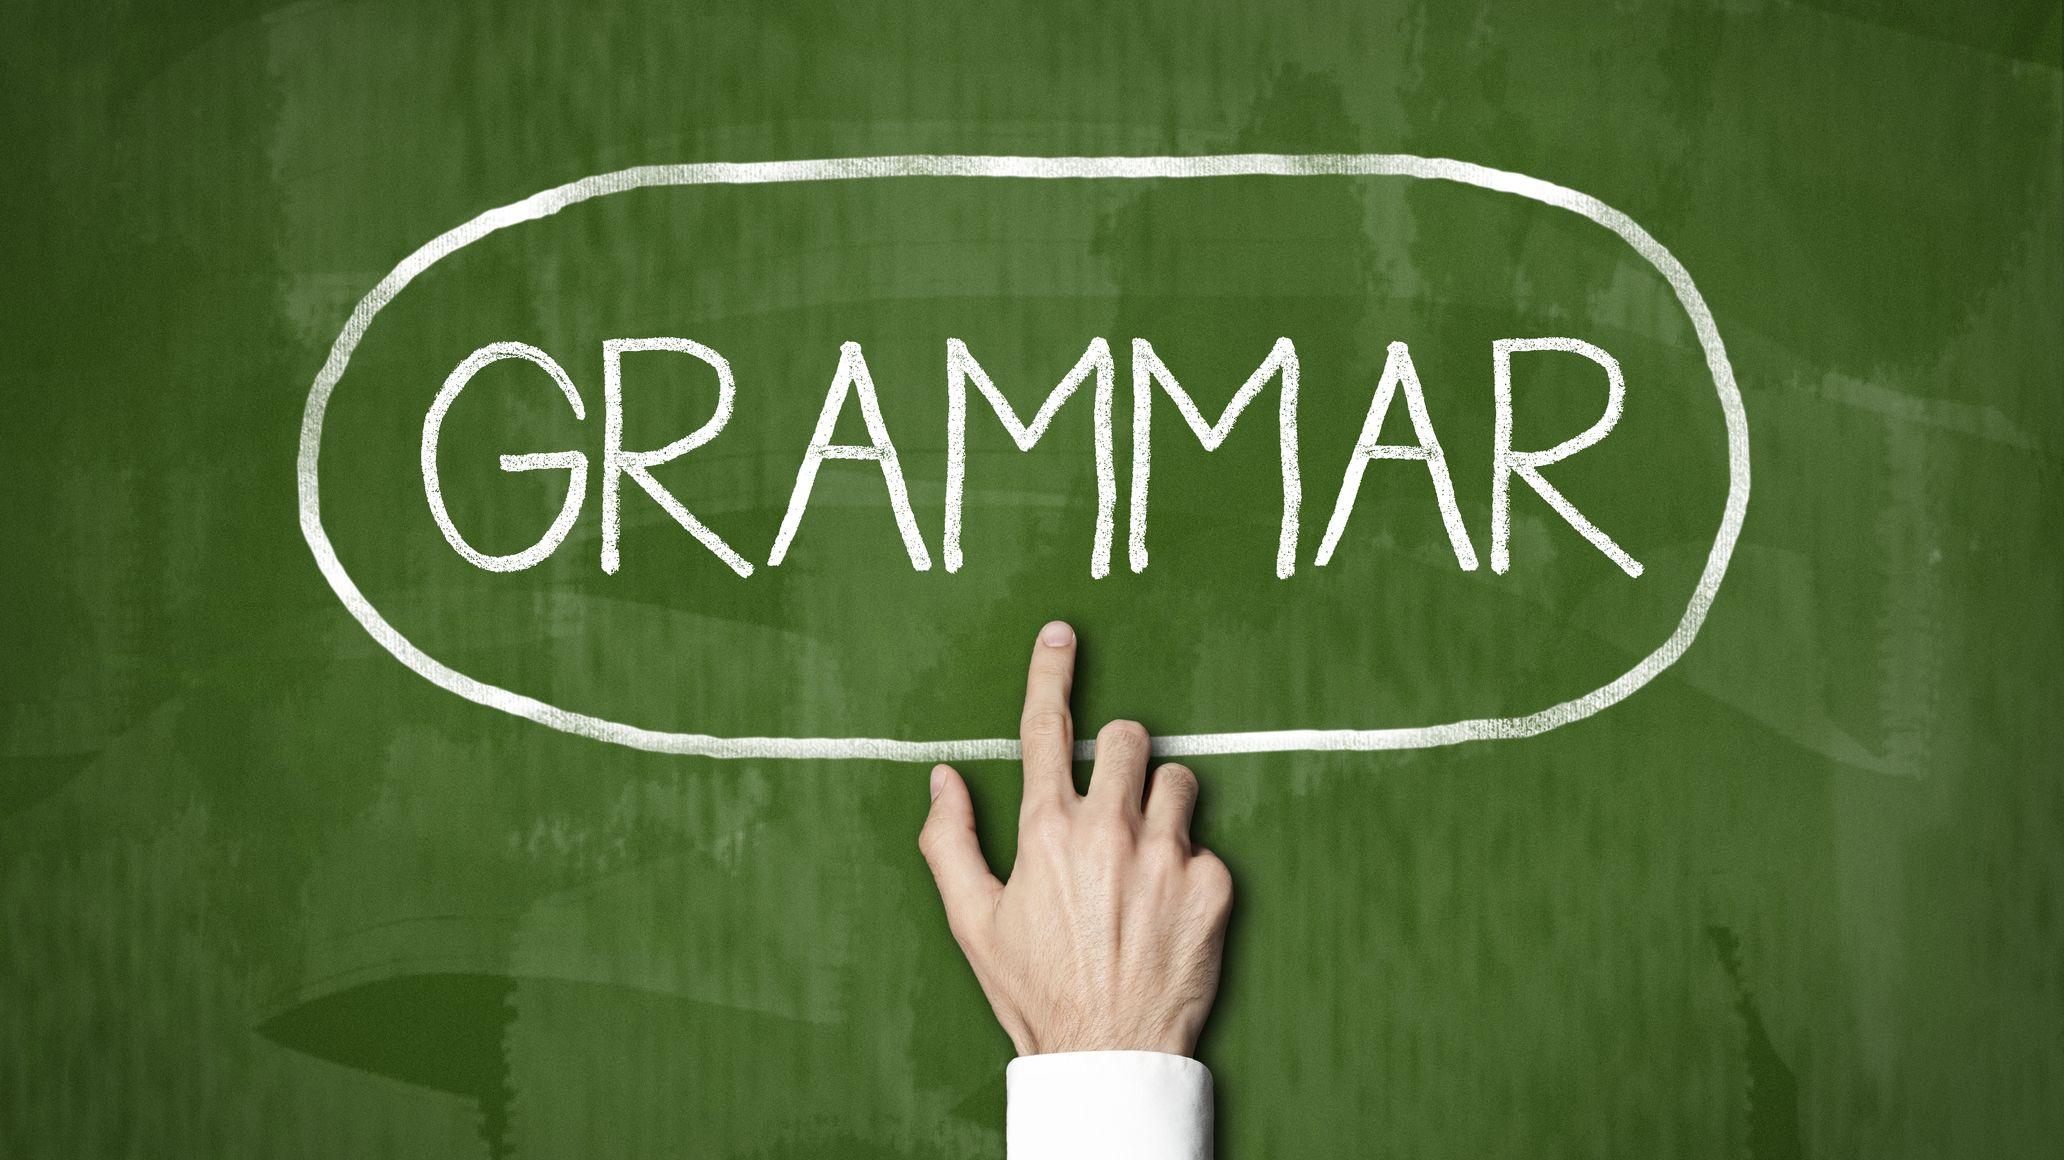 ประโยคแกรมม่าที่มักเขียนผิดบ่อยในภาษาอังกฤษ